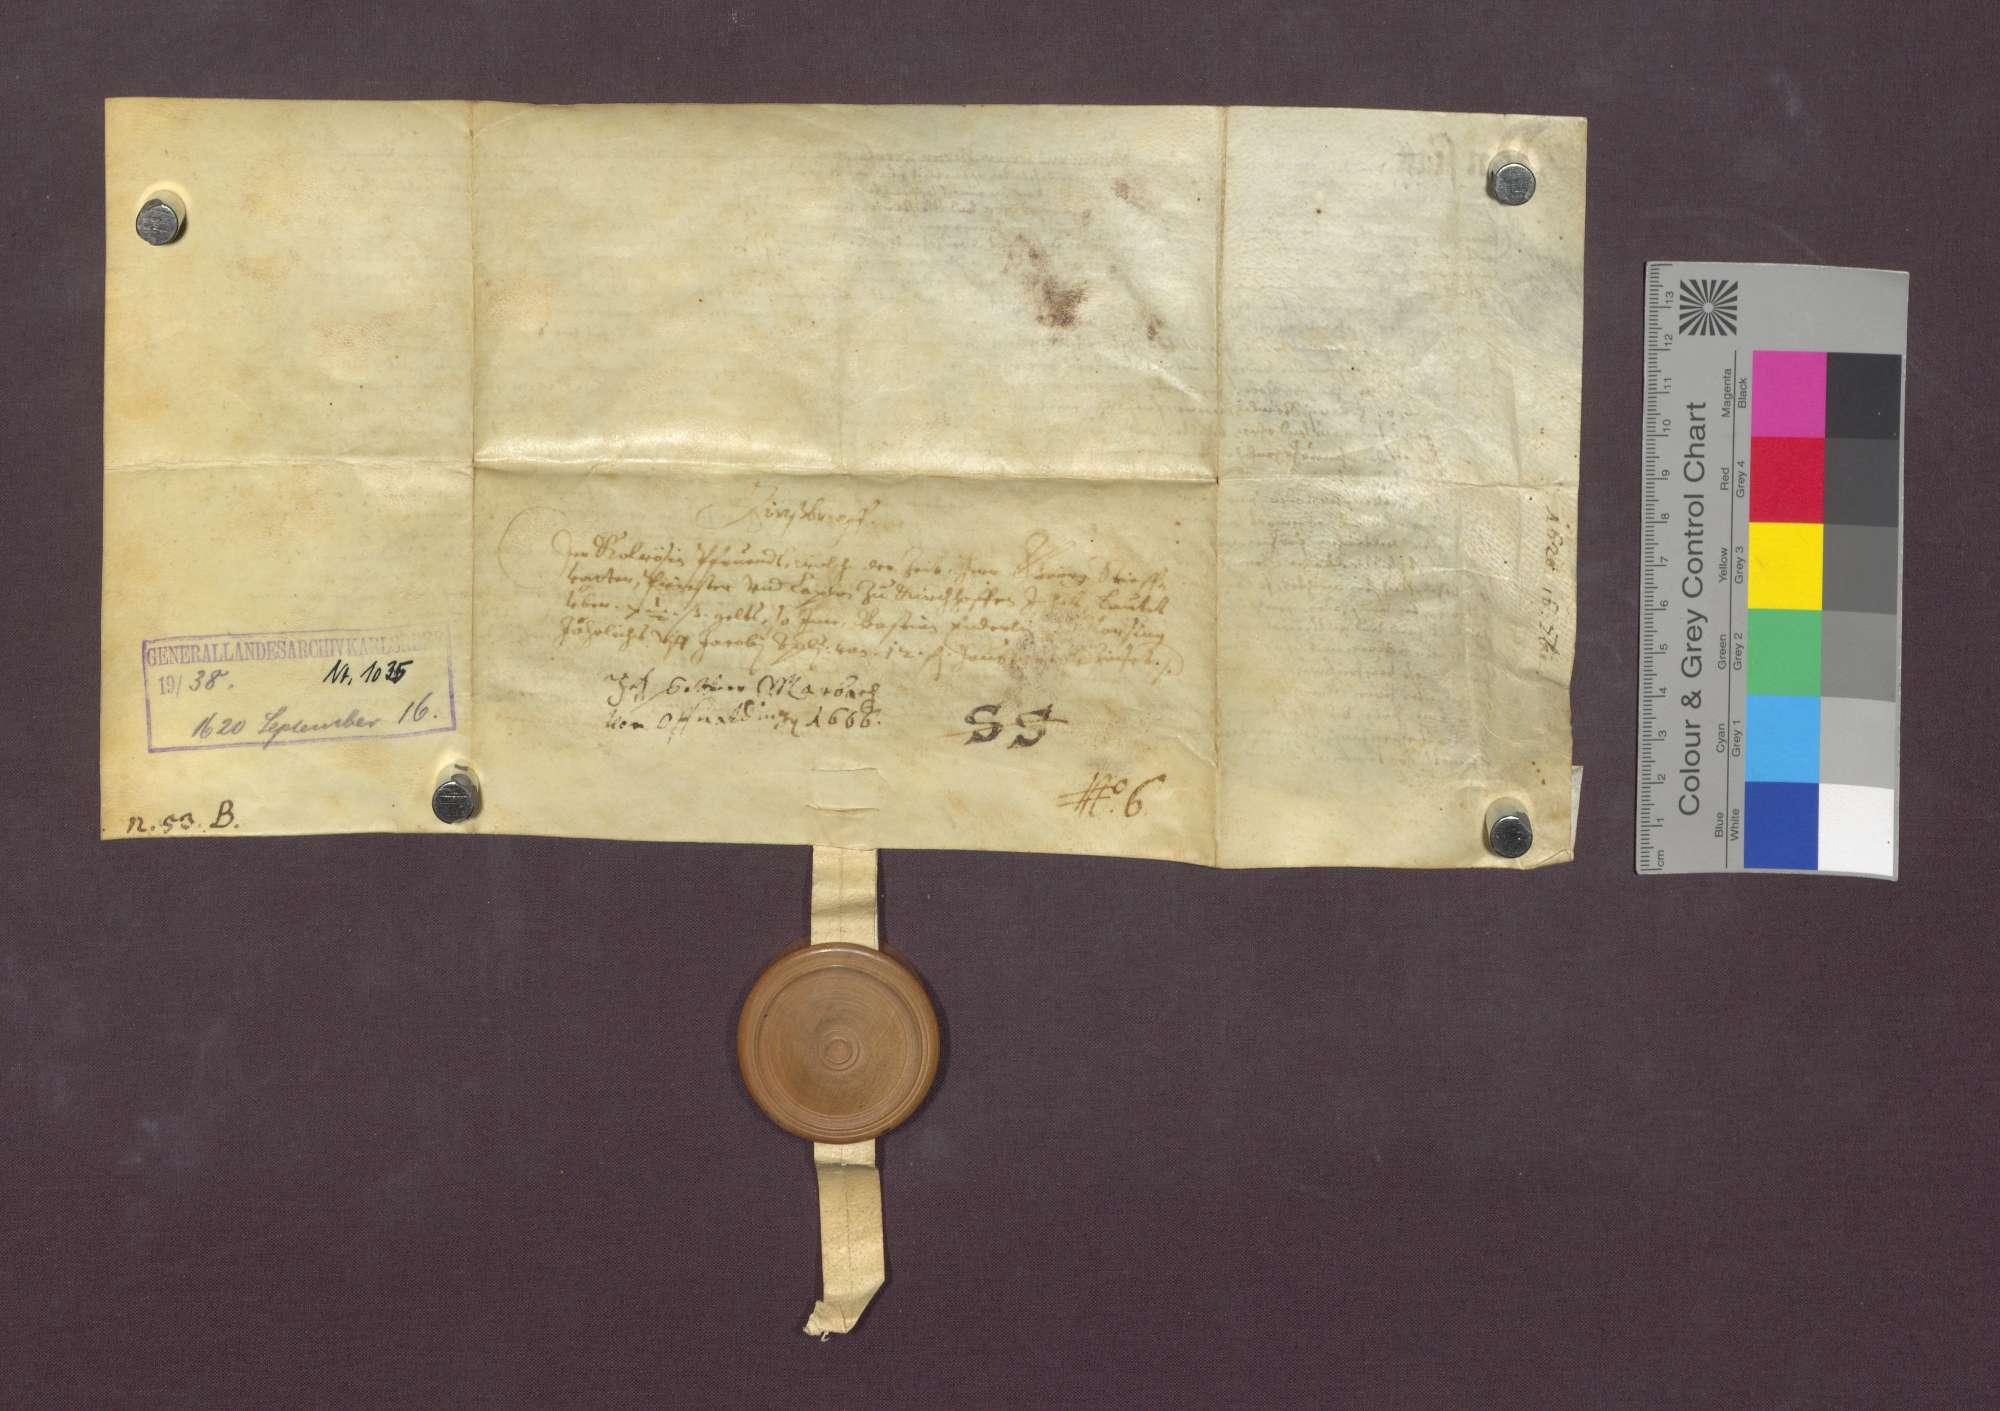 Schuldverschreibung des Sebastian Enderlin von Norsingen gegenüber der Colrosen-Pfründe in Kirchhofen., Bild 3